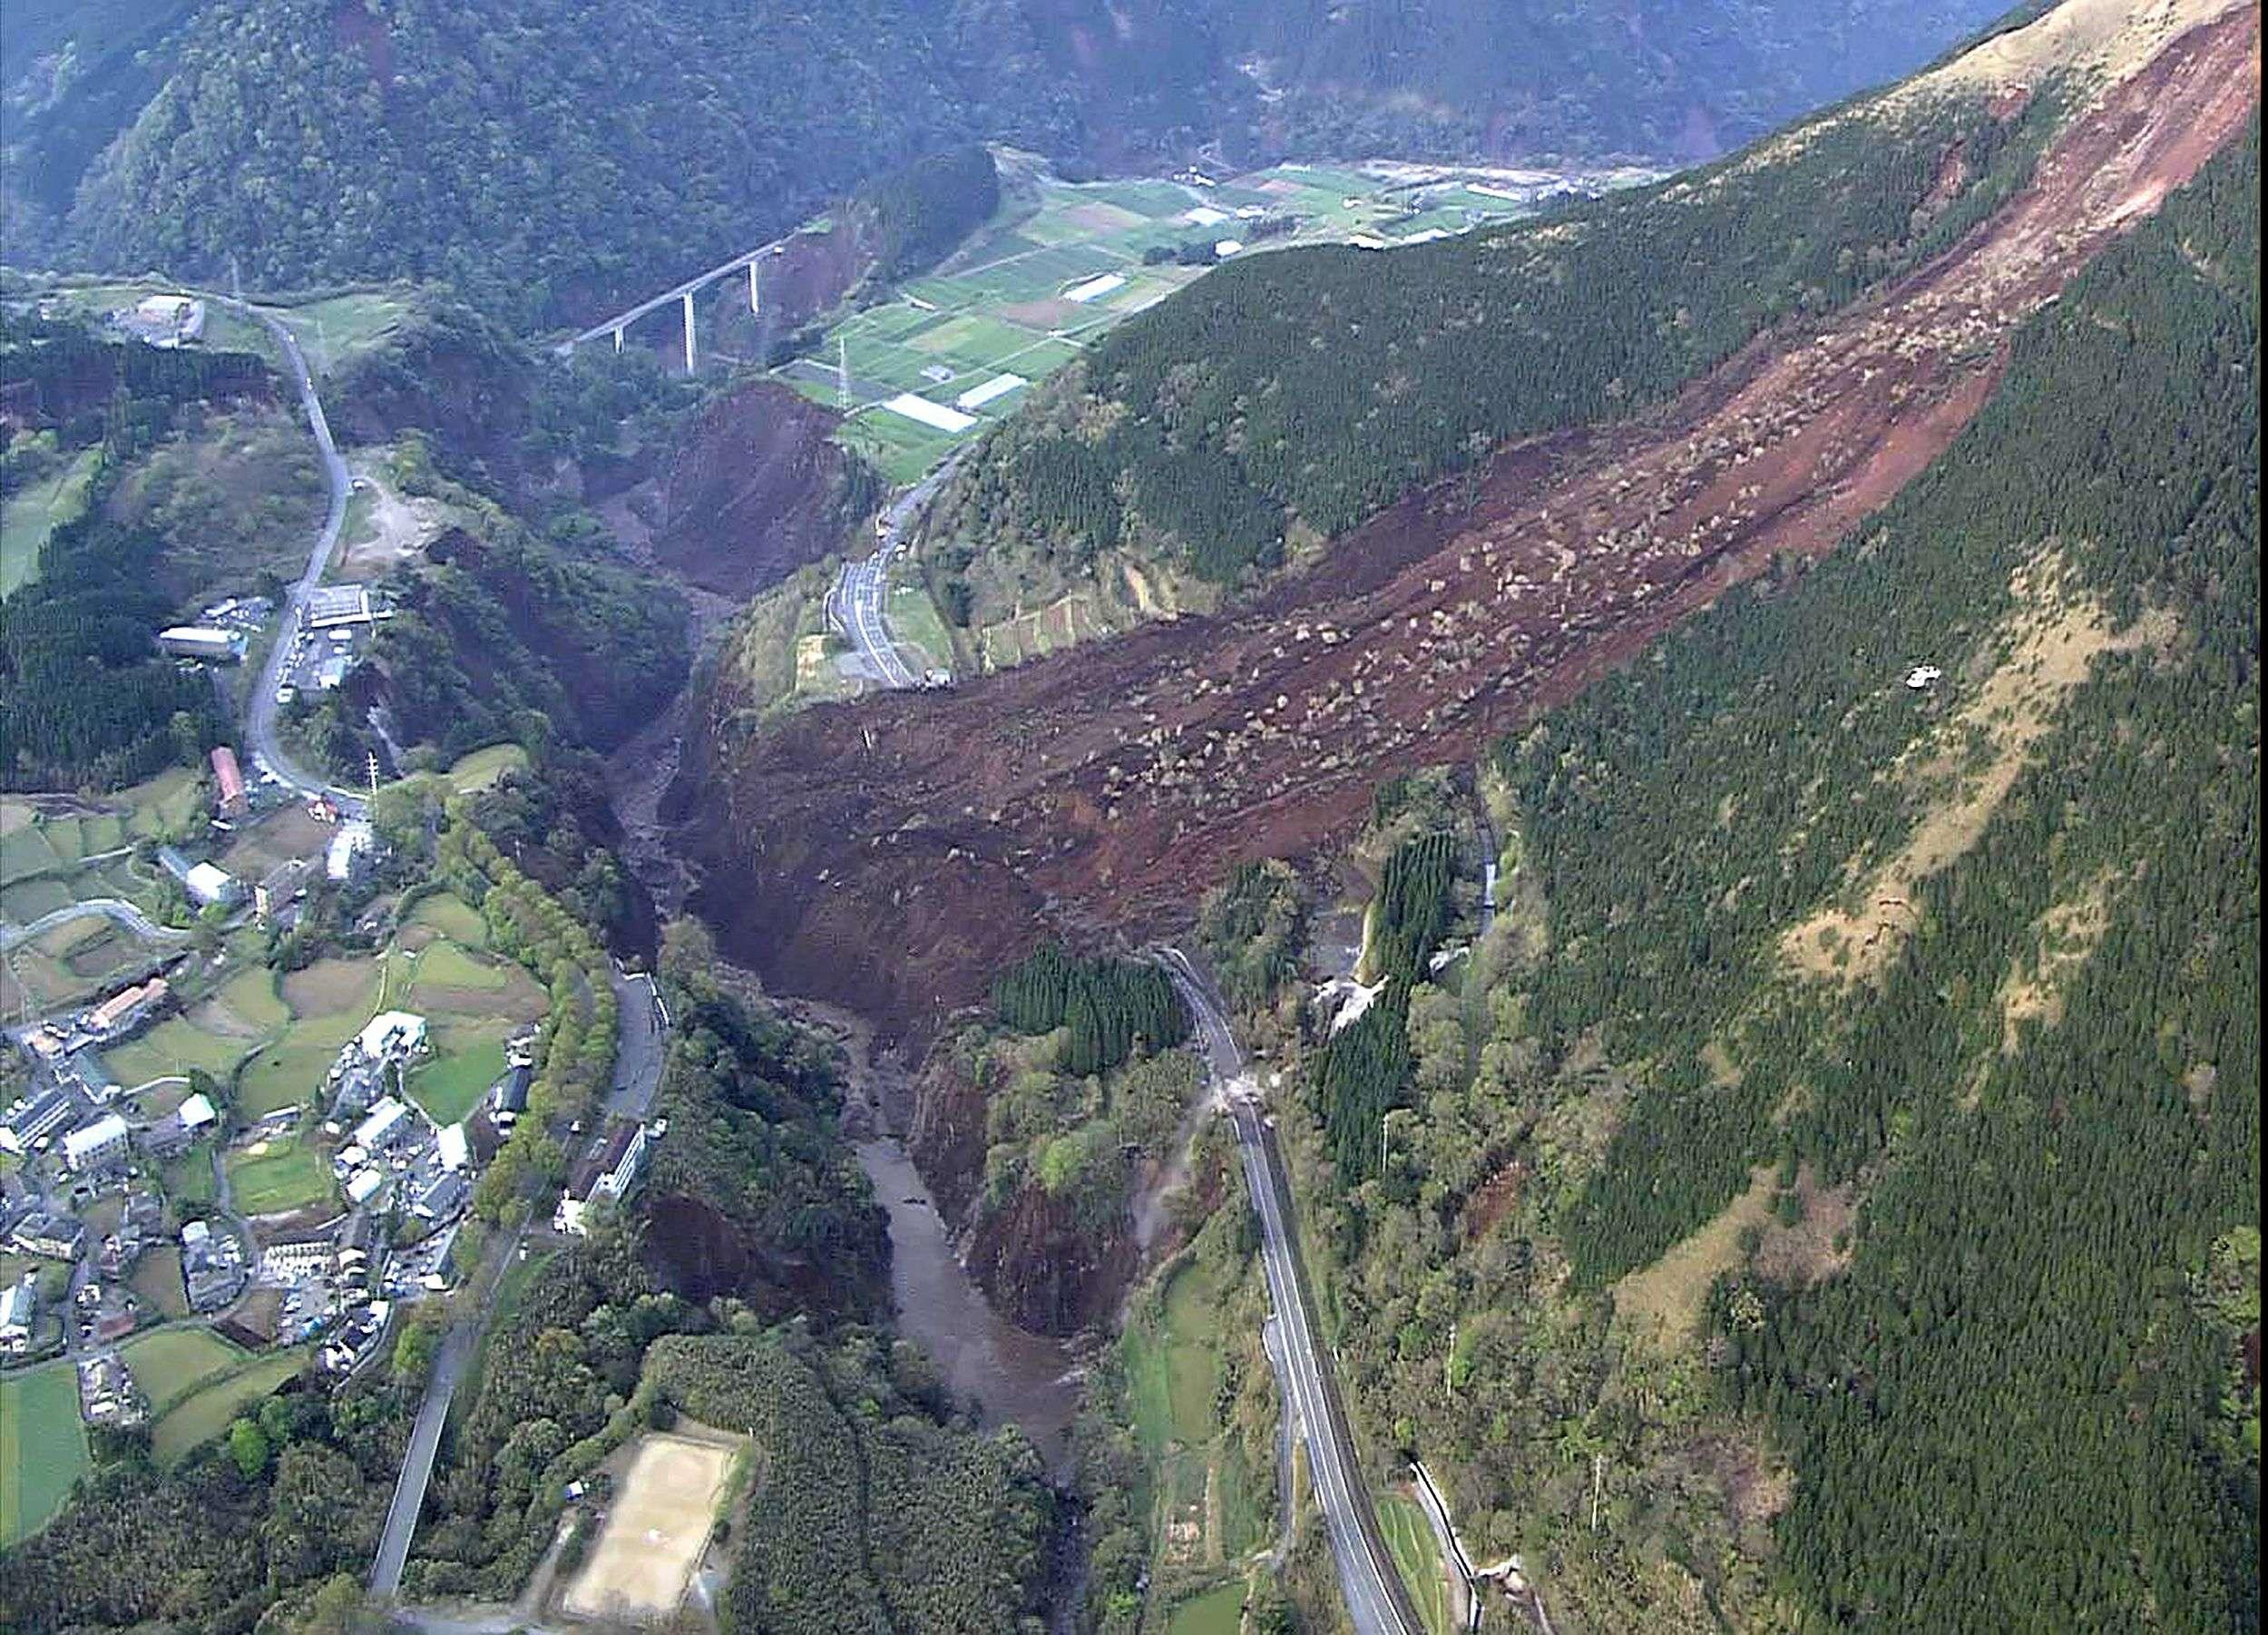 Ces nouvelles secousses ont mis à rude épreuve les nerfs des habitants, éprouvés par les répliques à répétition, et déclenché une gigantesque coulée de boue et de pierres dans la zone de Minami-Aso, emportant des maisons et coupant une autoroute.